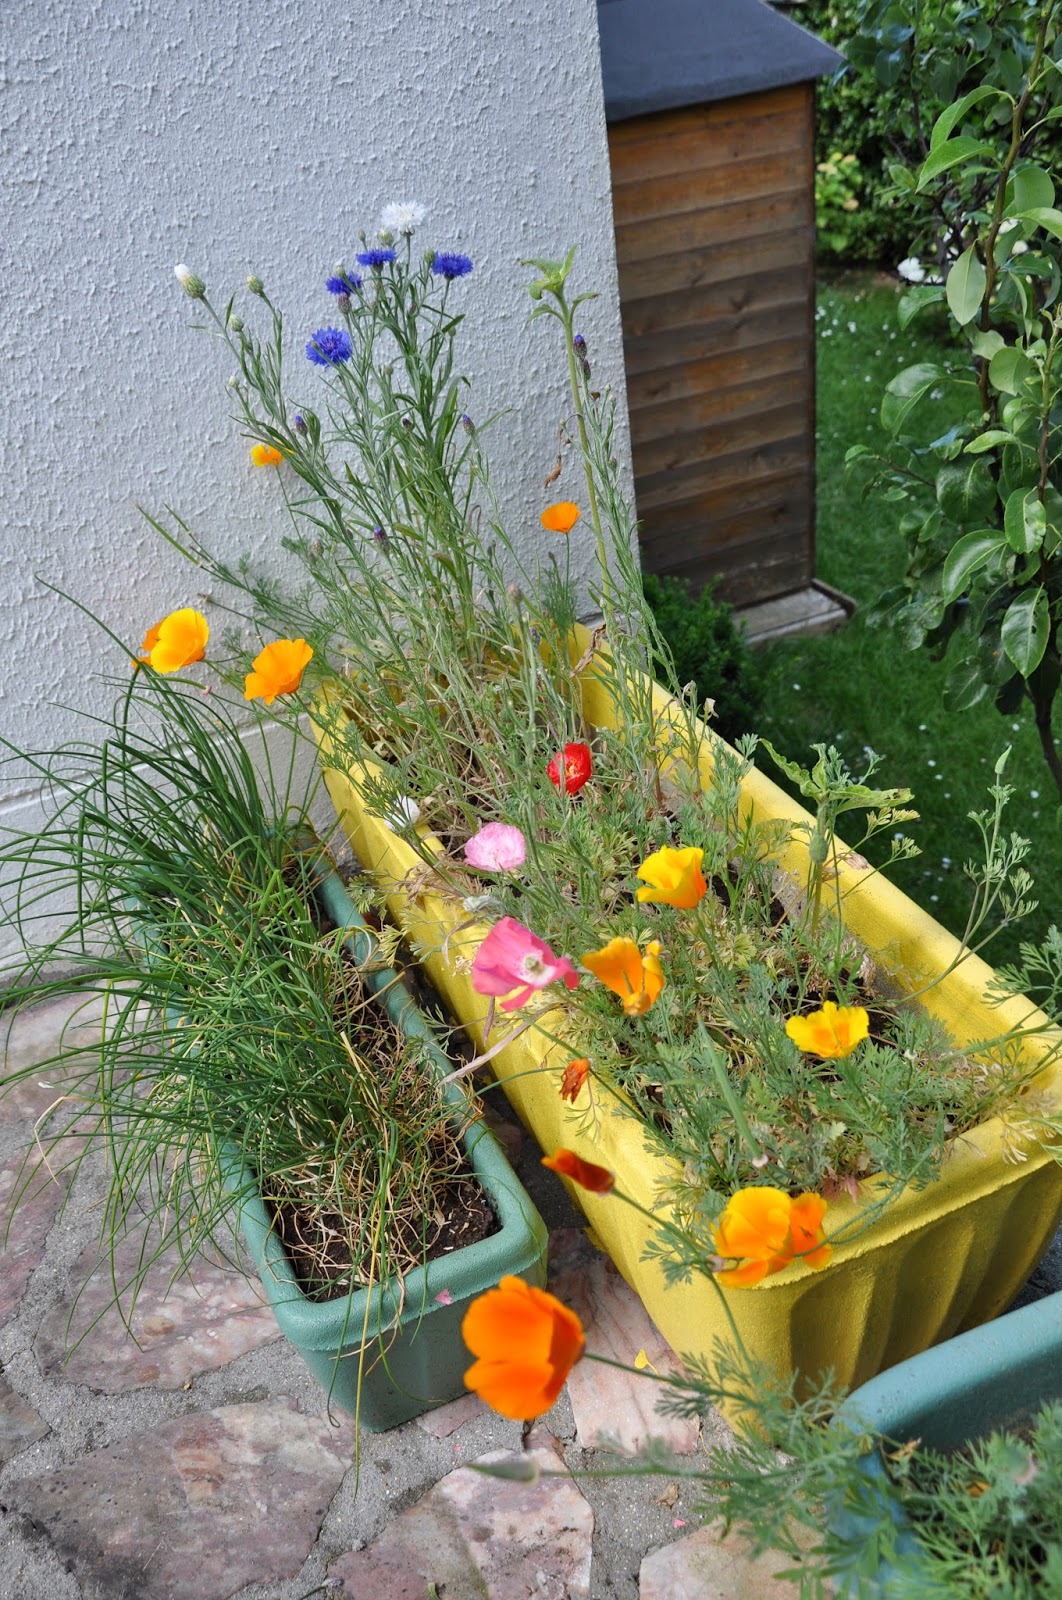 les passions de viedefun 36 15 ma vie les fleurs de mon jardin. Black Bedroom Furniture Sets. Home Design Ideas